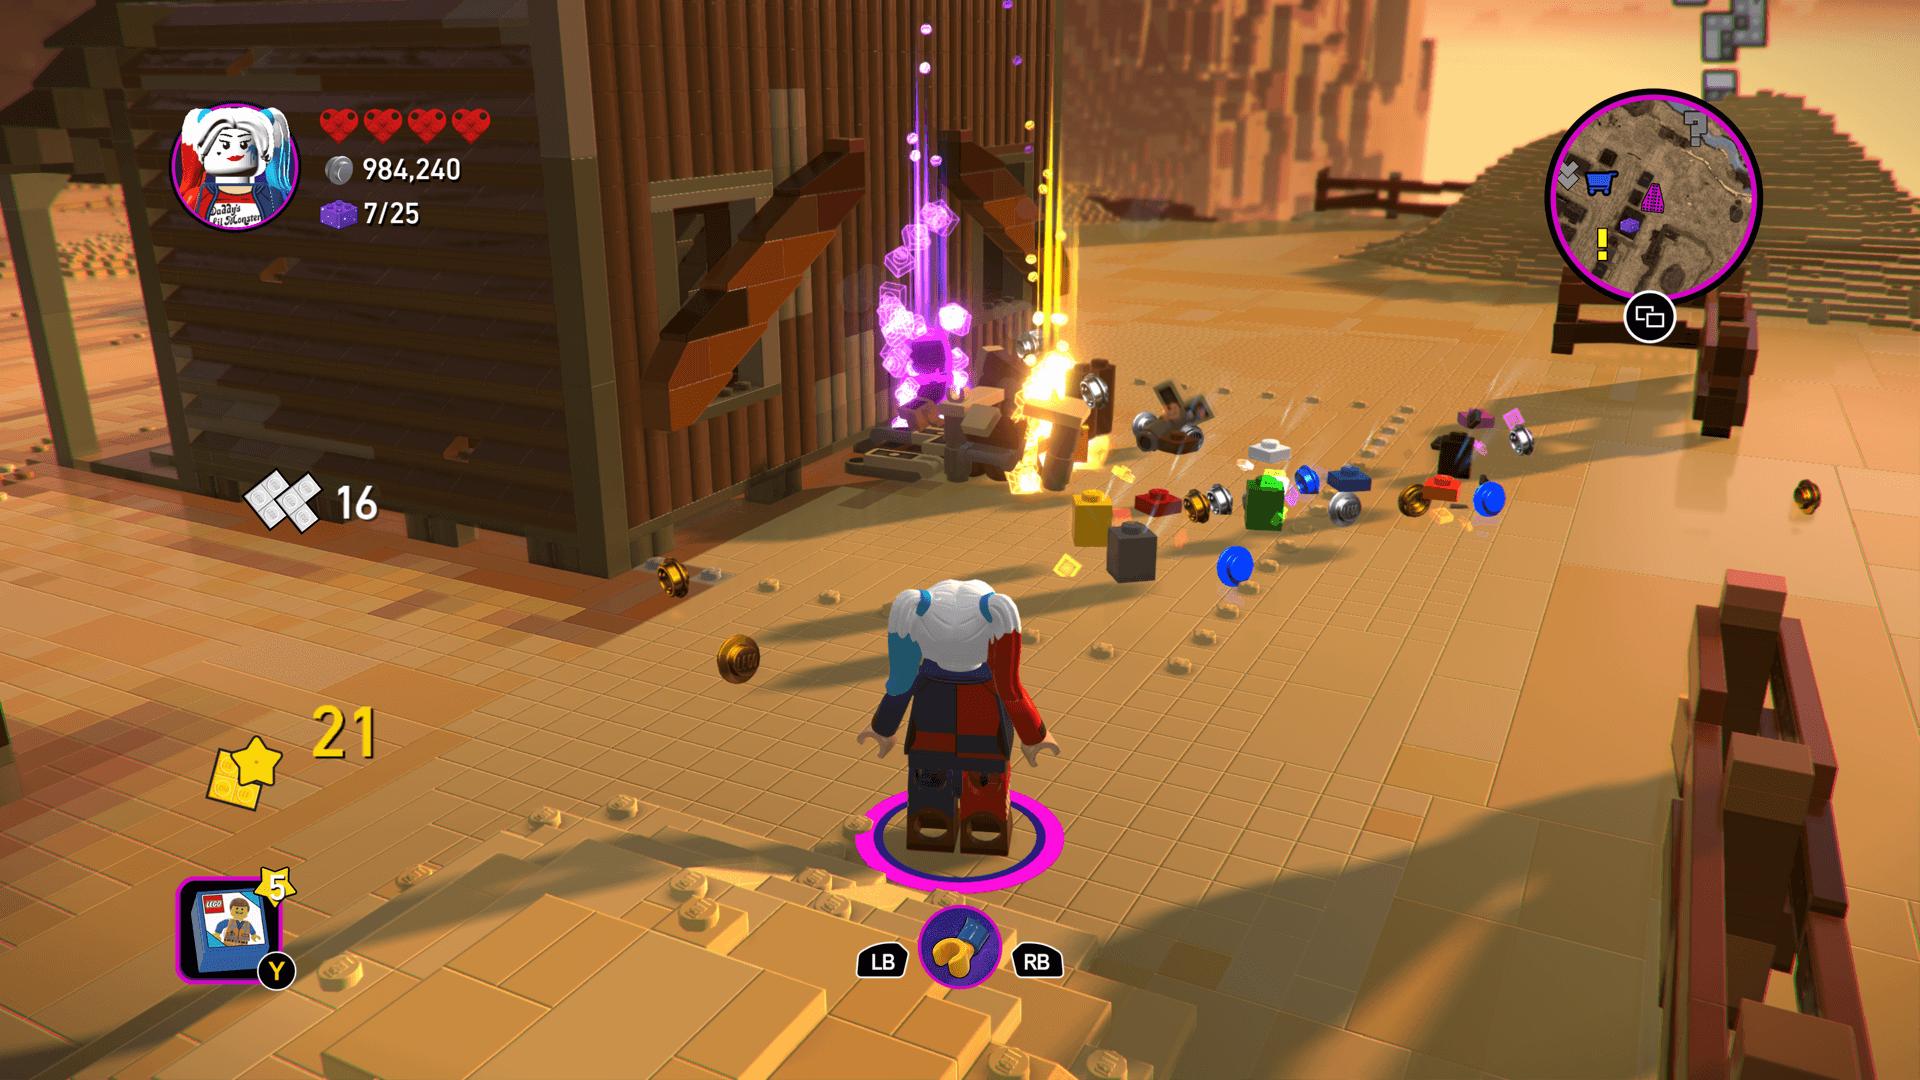 LEGO Przygoda 2 Gra wideo5